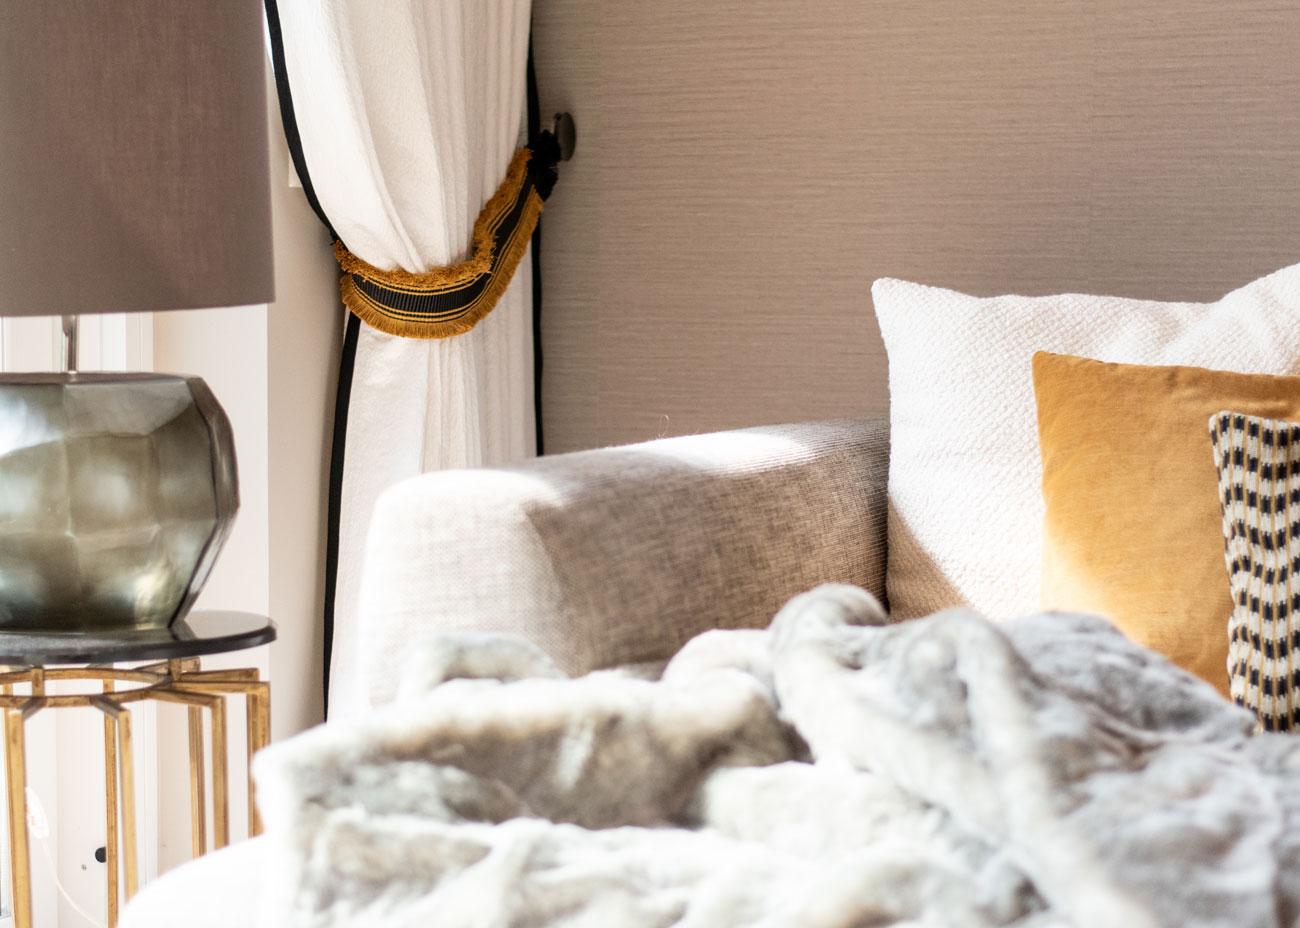 haus renovieren ideen wohnzimmer couch kisseb vorhang weiss und leuchte glas